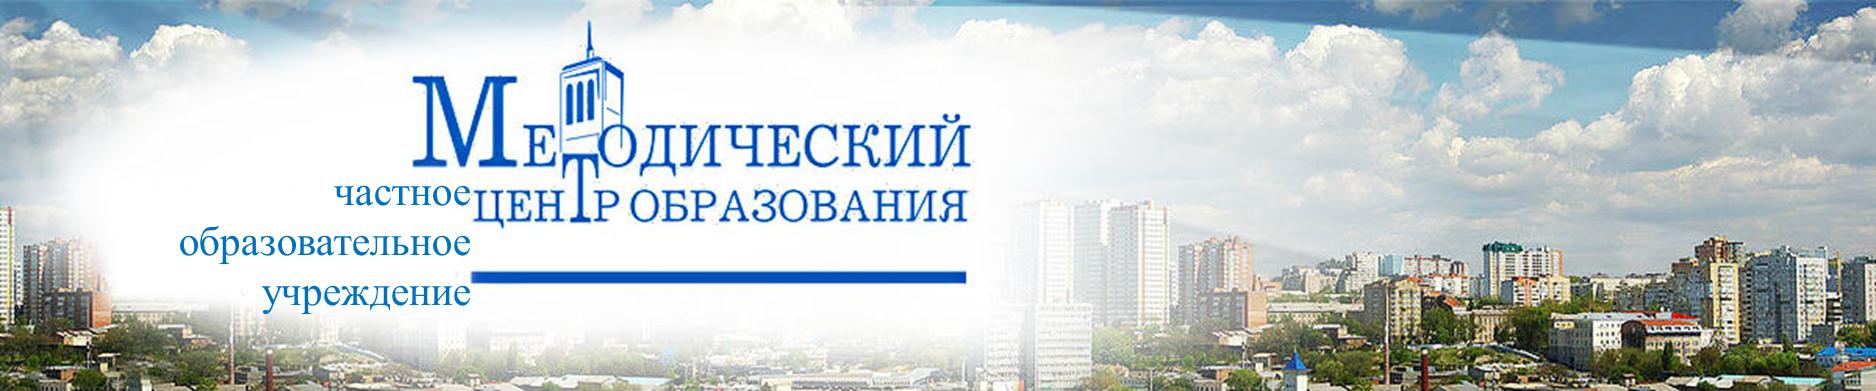 Негосударственное образовательное учреждение дополнительного профессионального образования  «Методический центр образования»